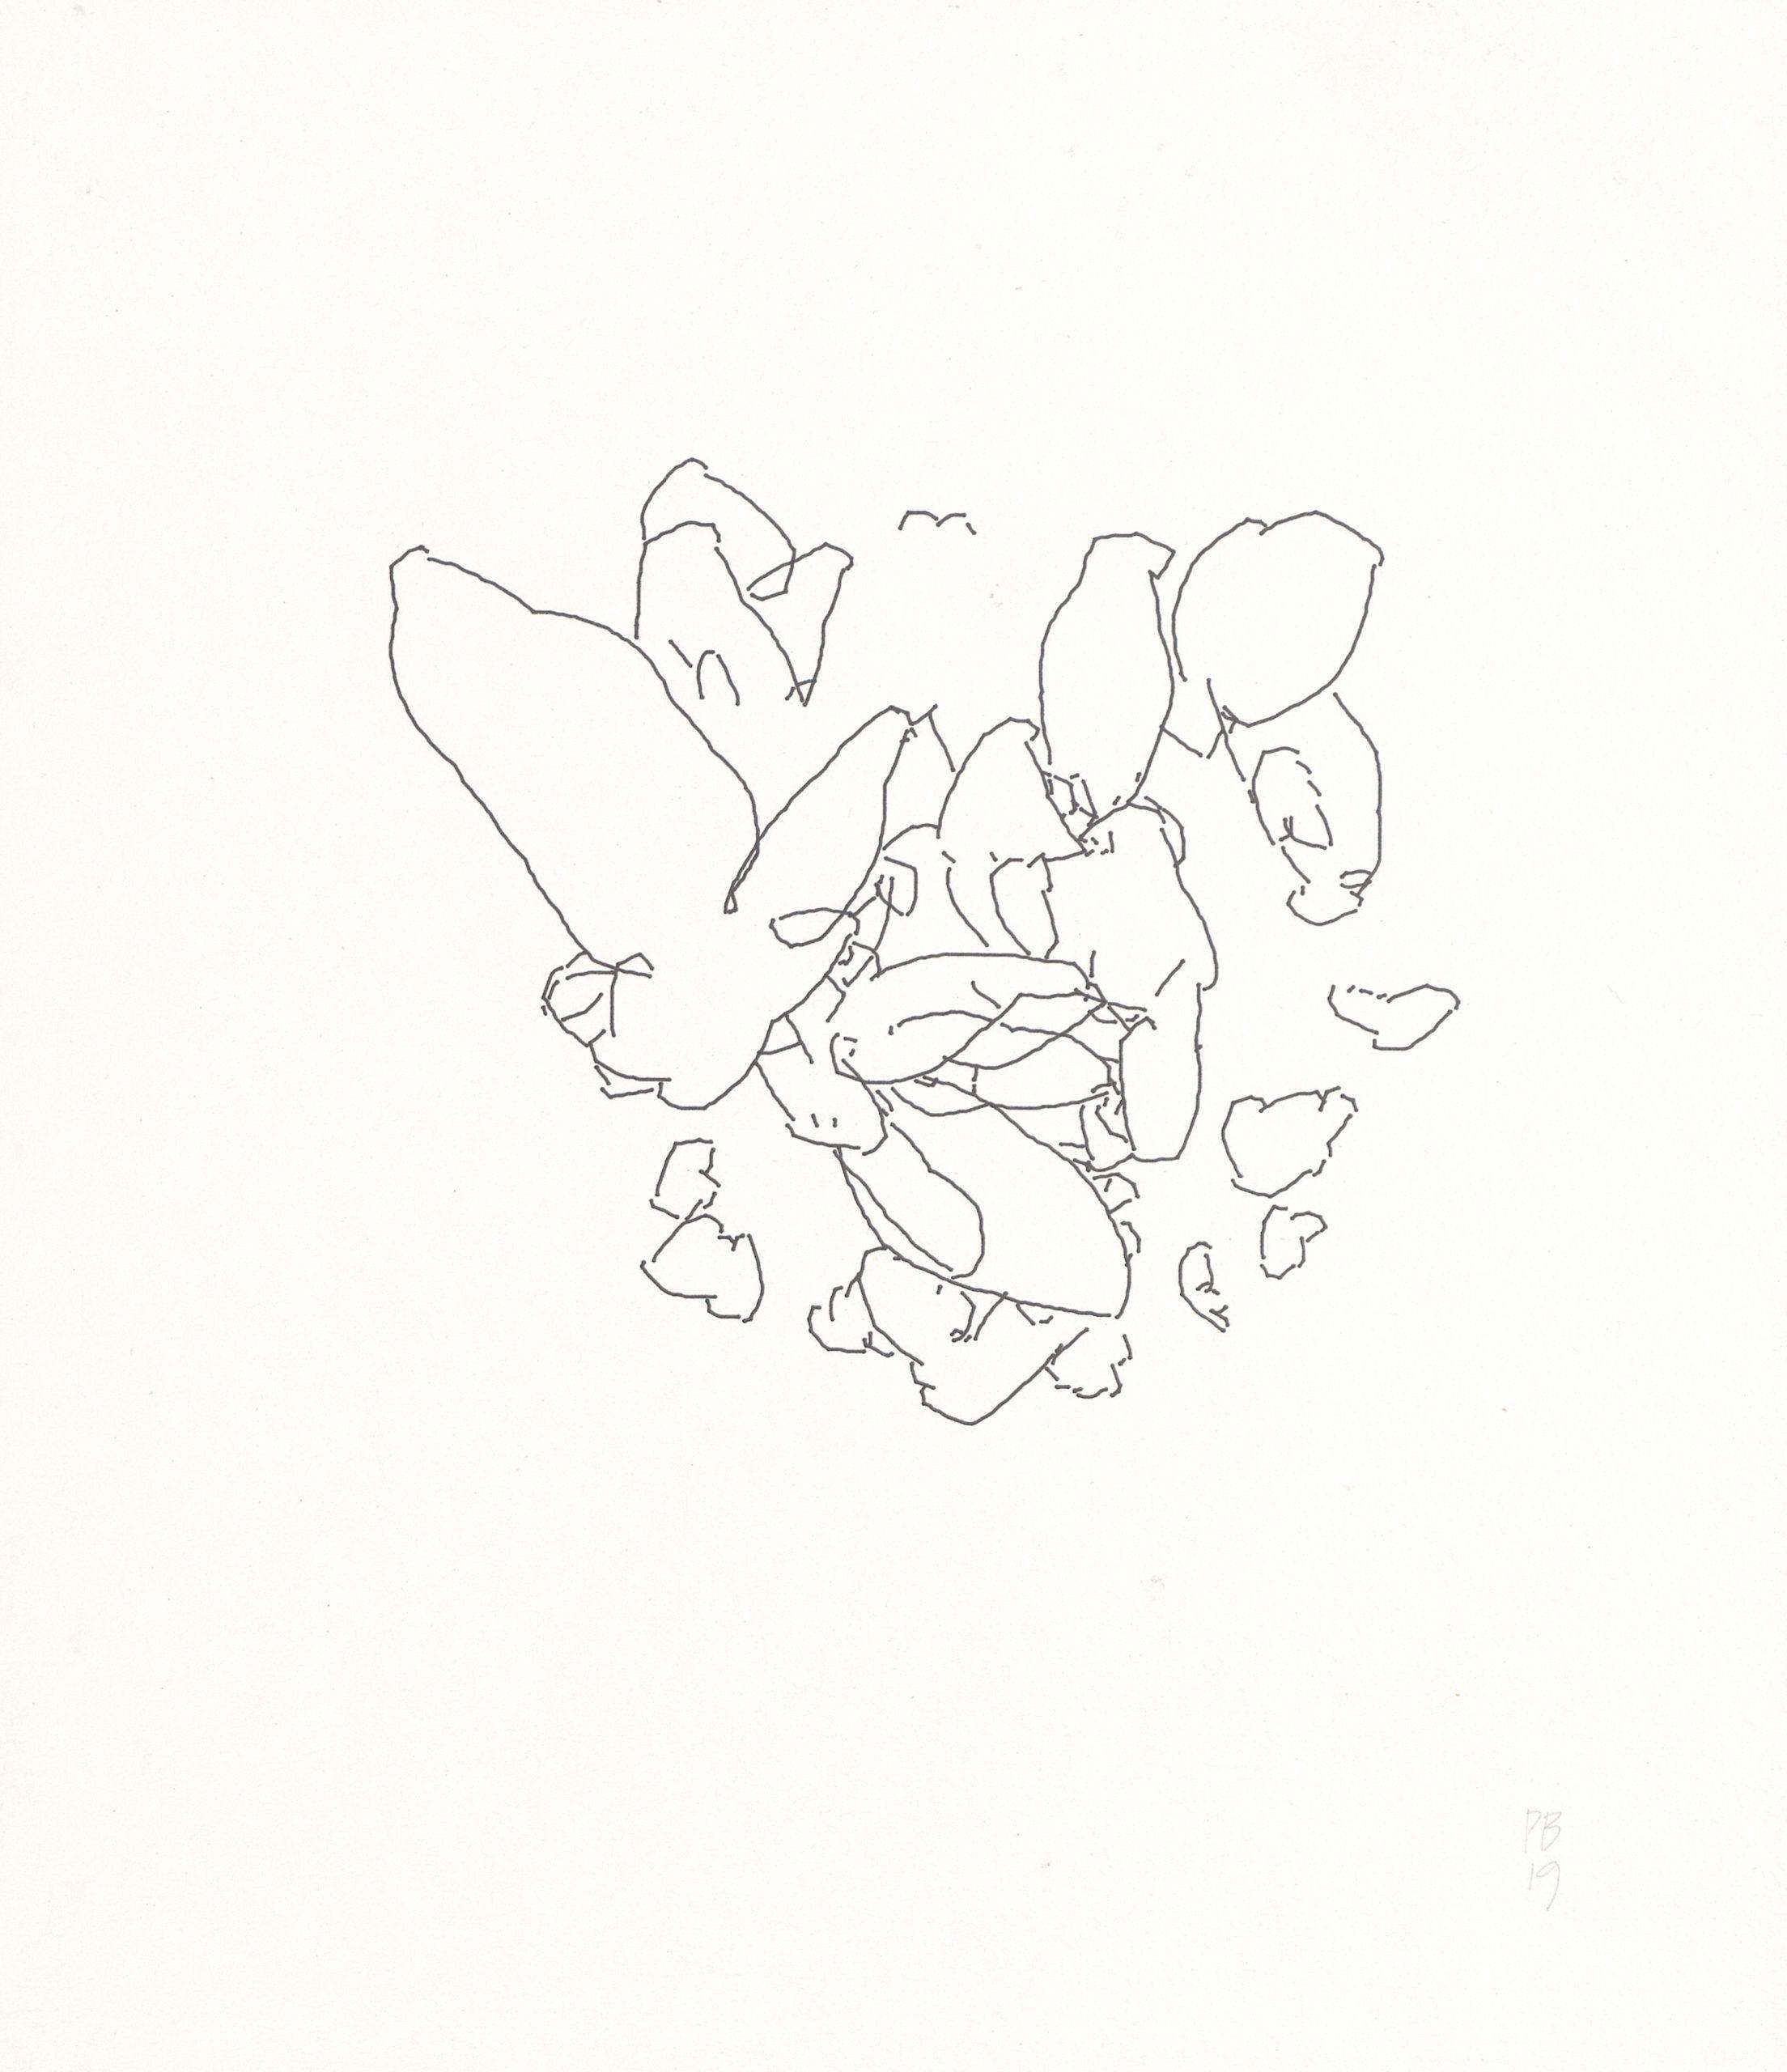 Peter Beyls, Untitled, Plotterzeichnung, Tinte auf Papier, 29 x 33 cm, 2019